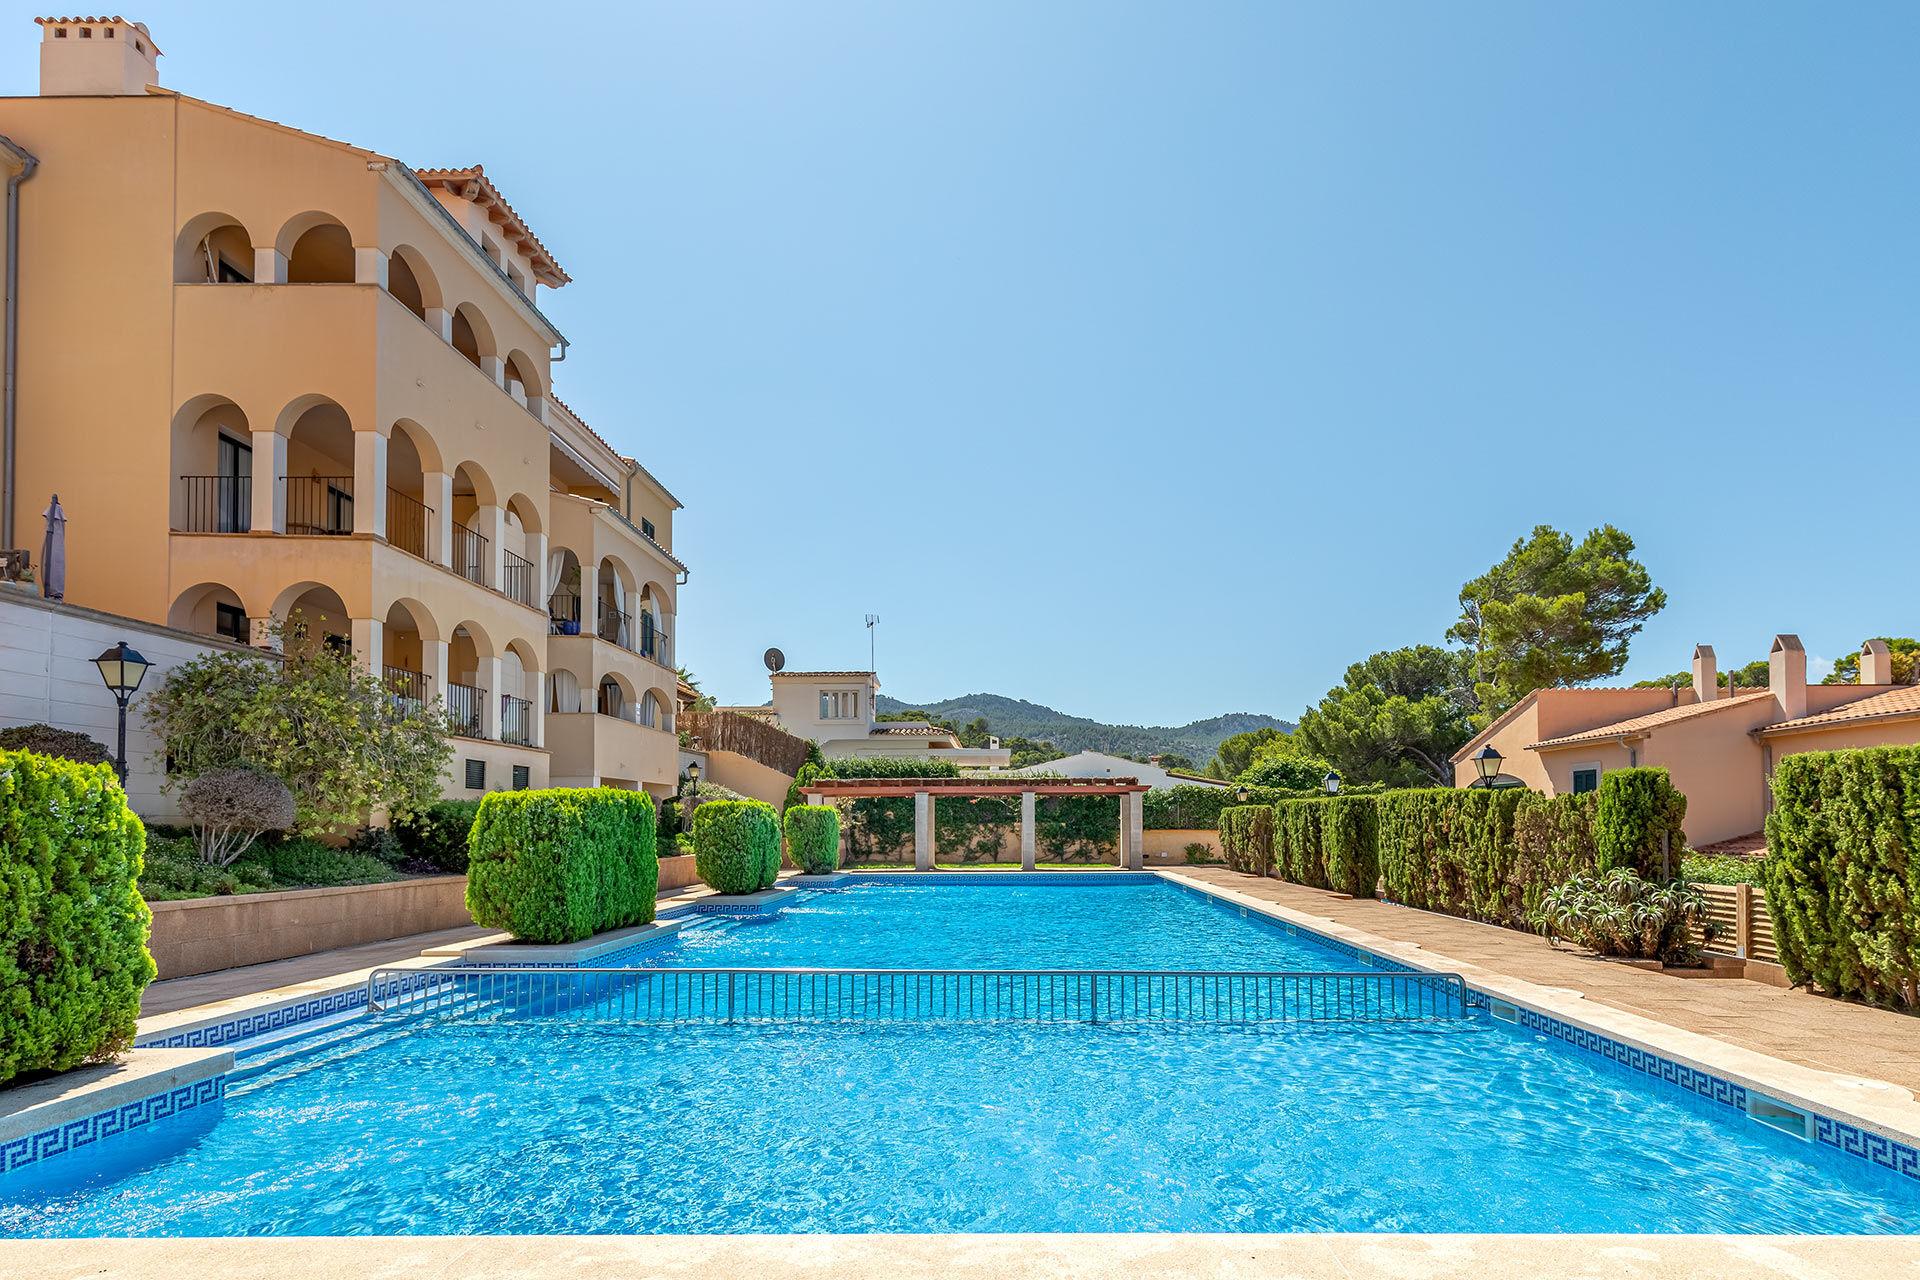 Appartement in mediterraner Anlage in Sant Elm